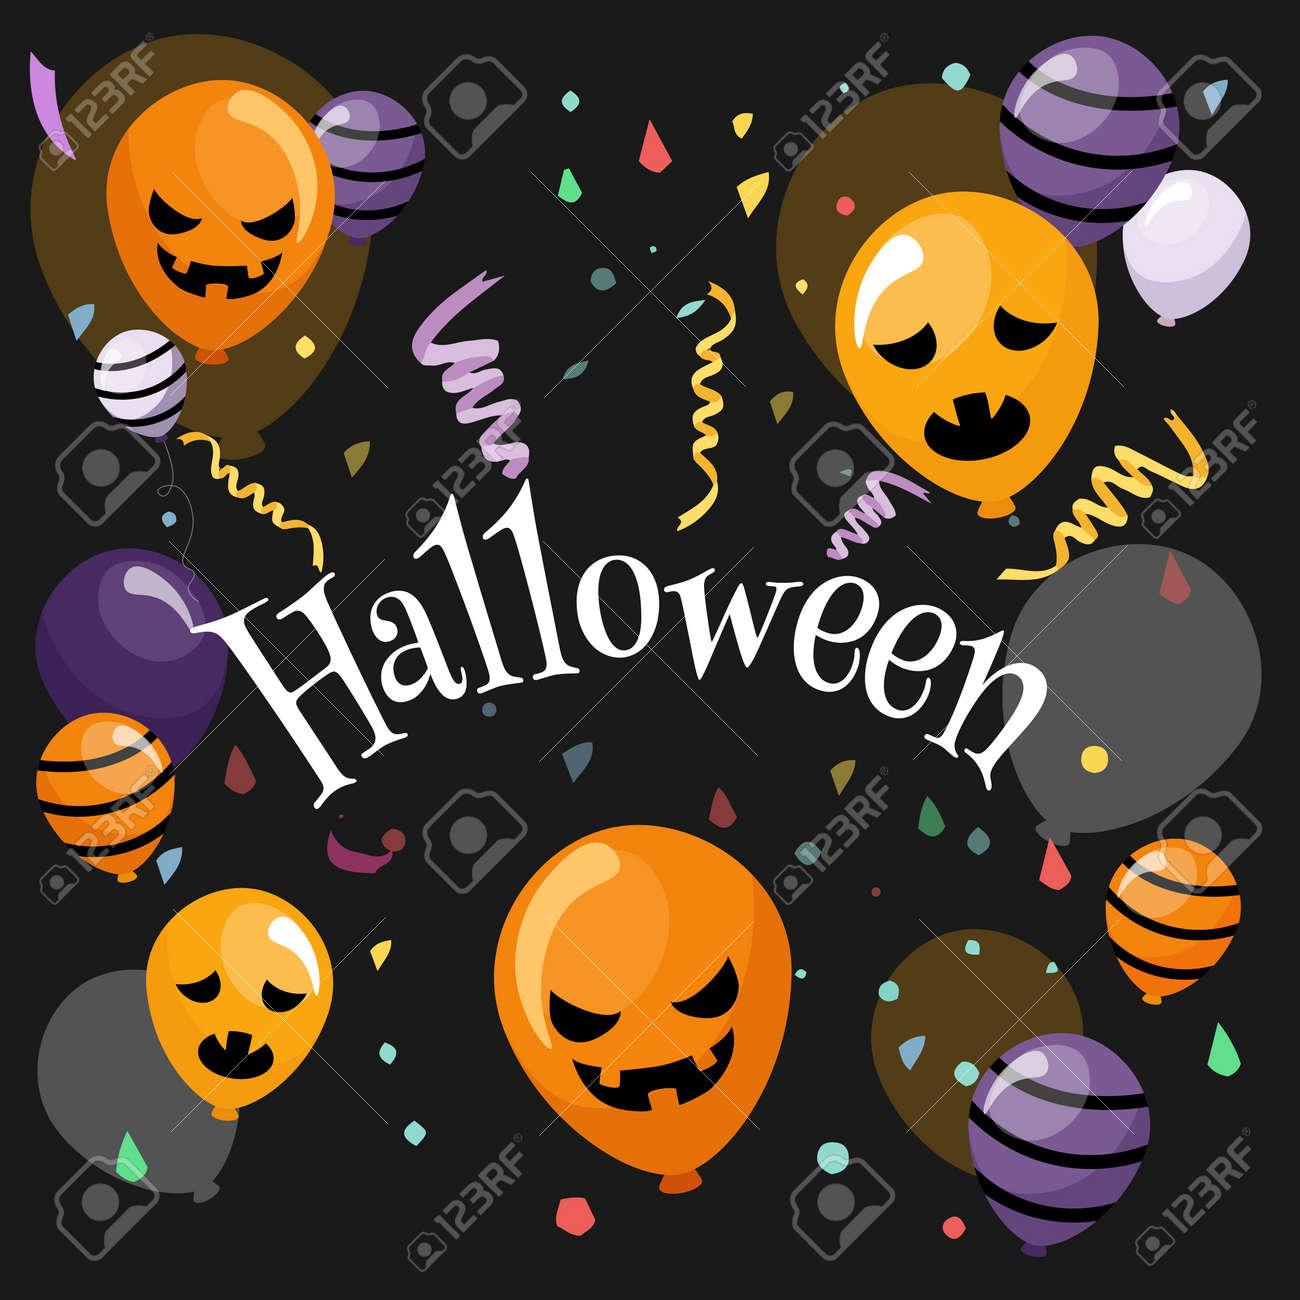 Halloween banner In Spooky Night - Happy Halloween vector. halloween pattern easy to color adjustment - 156943336